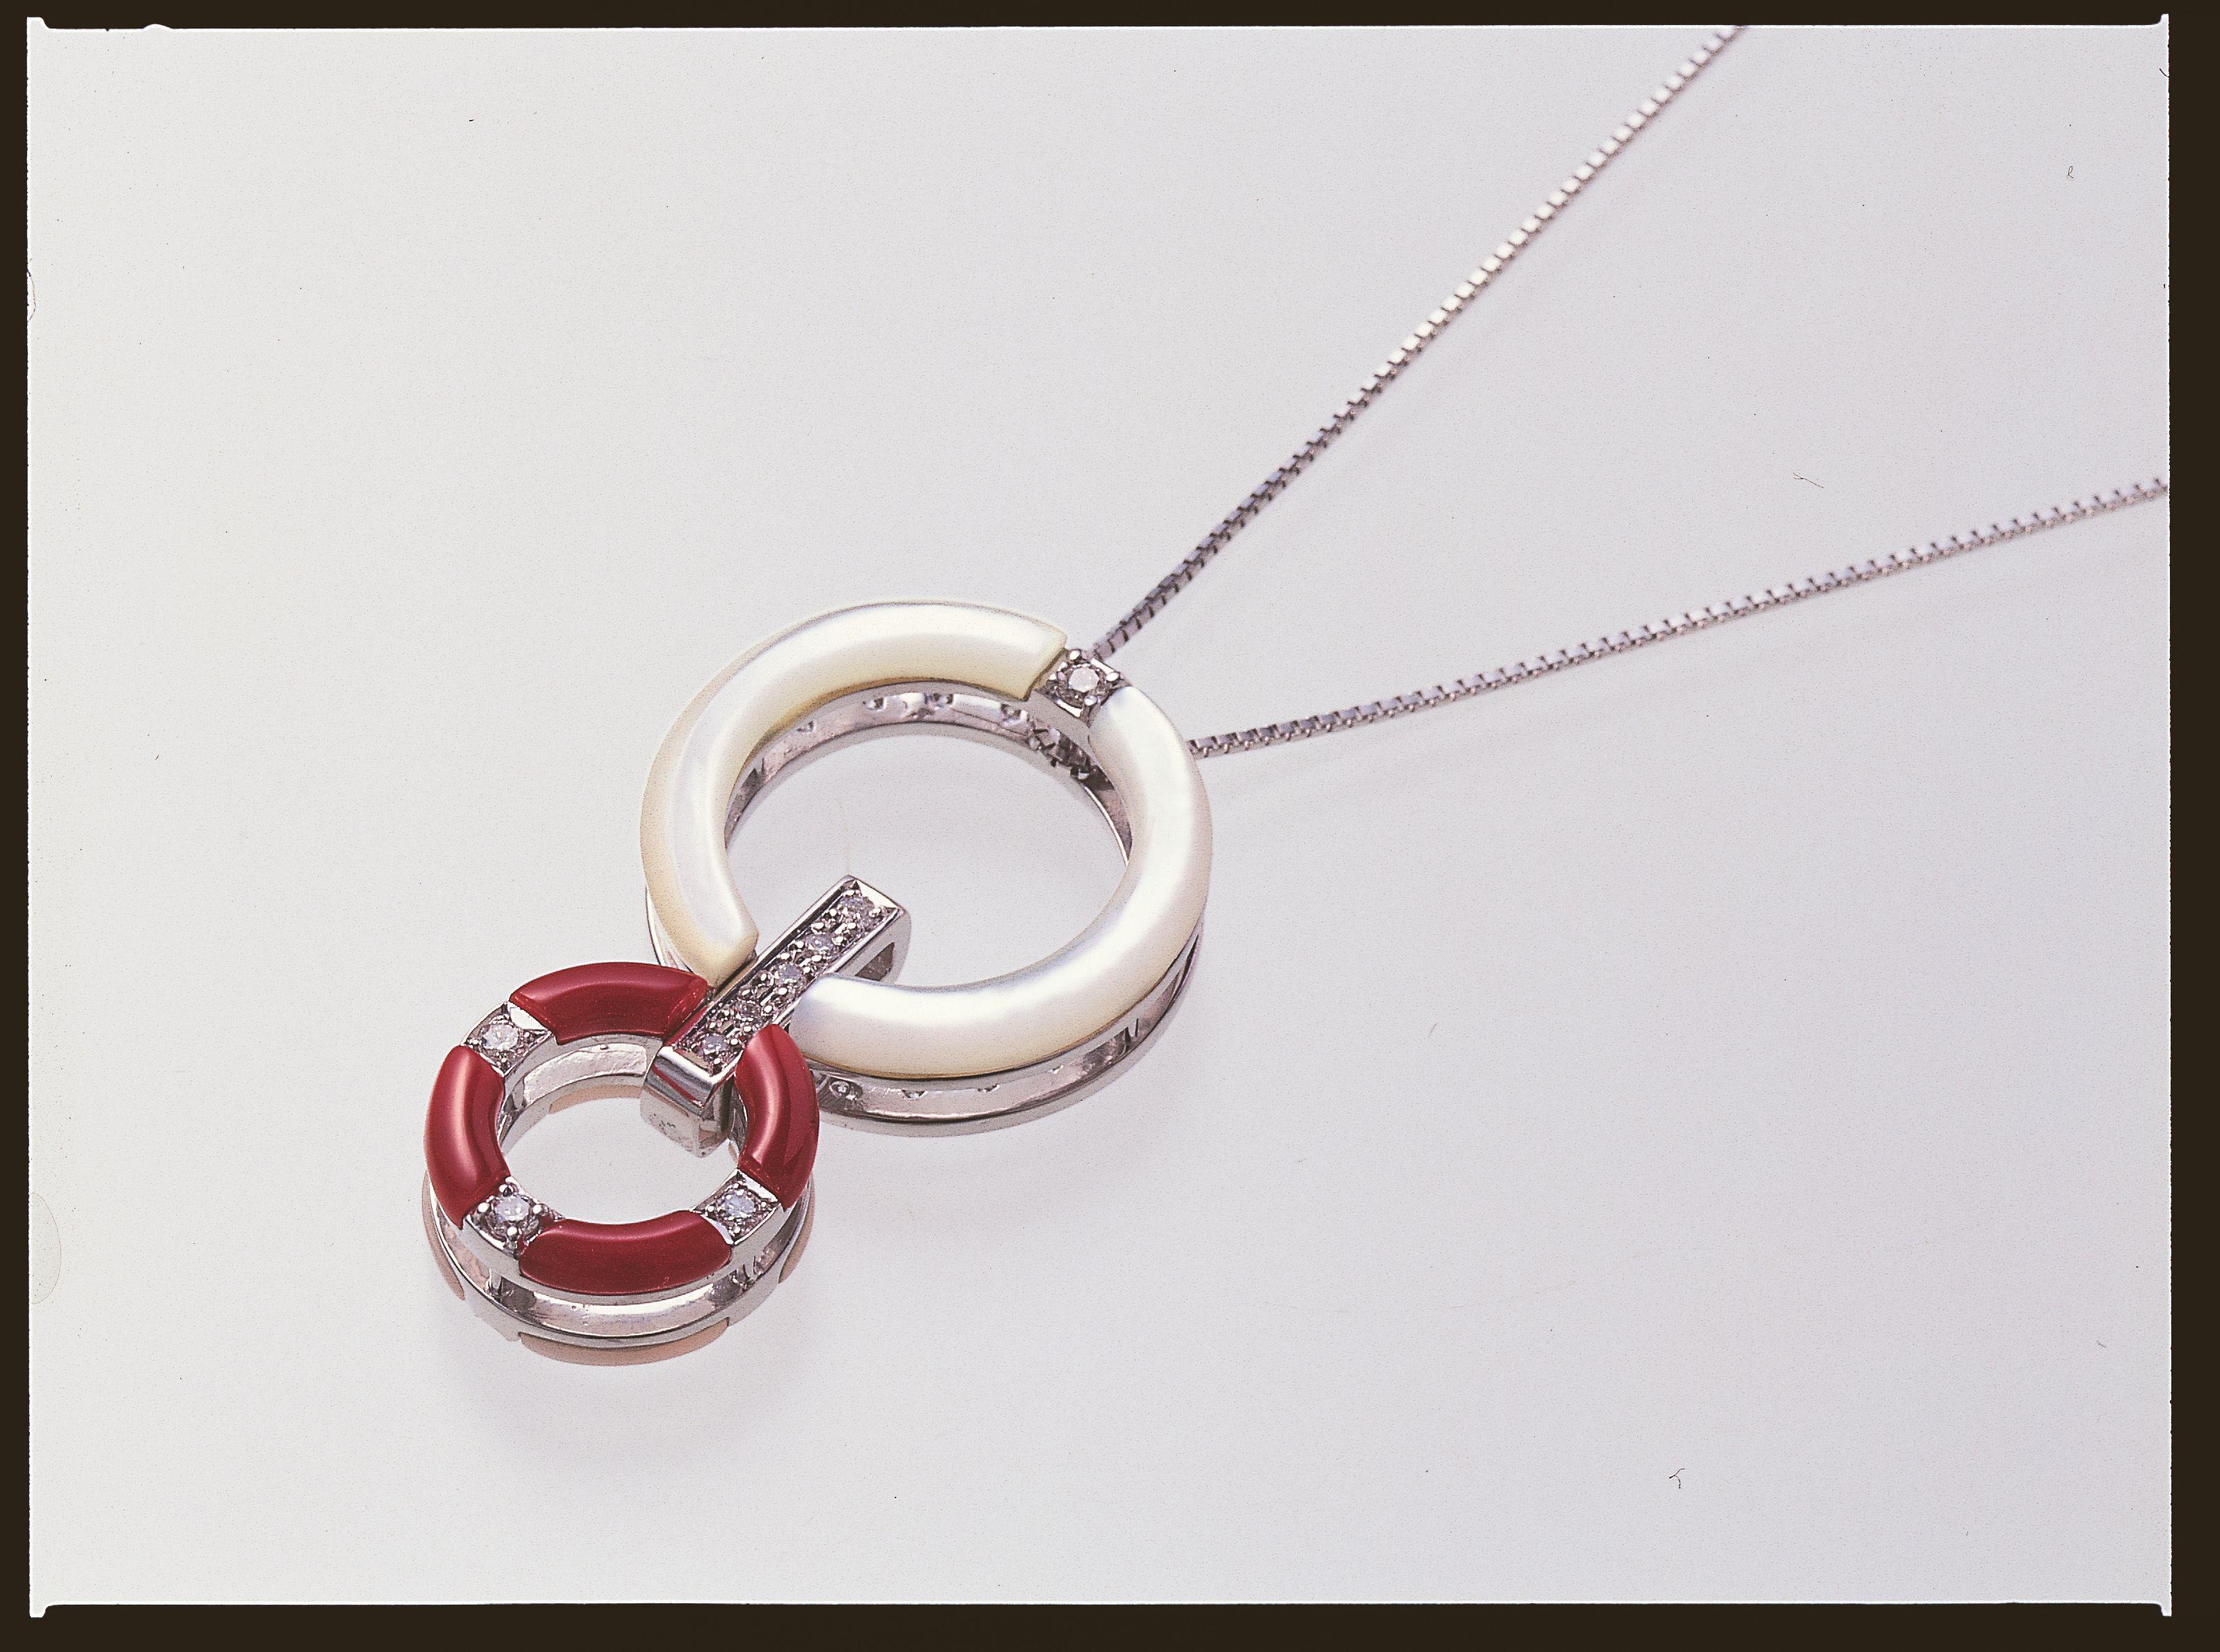 2007小田急赤サンゴ蝶貝